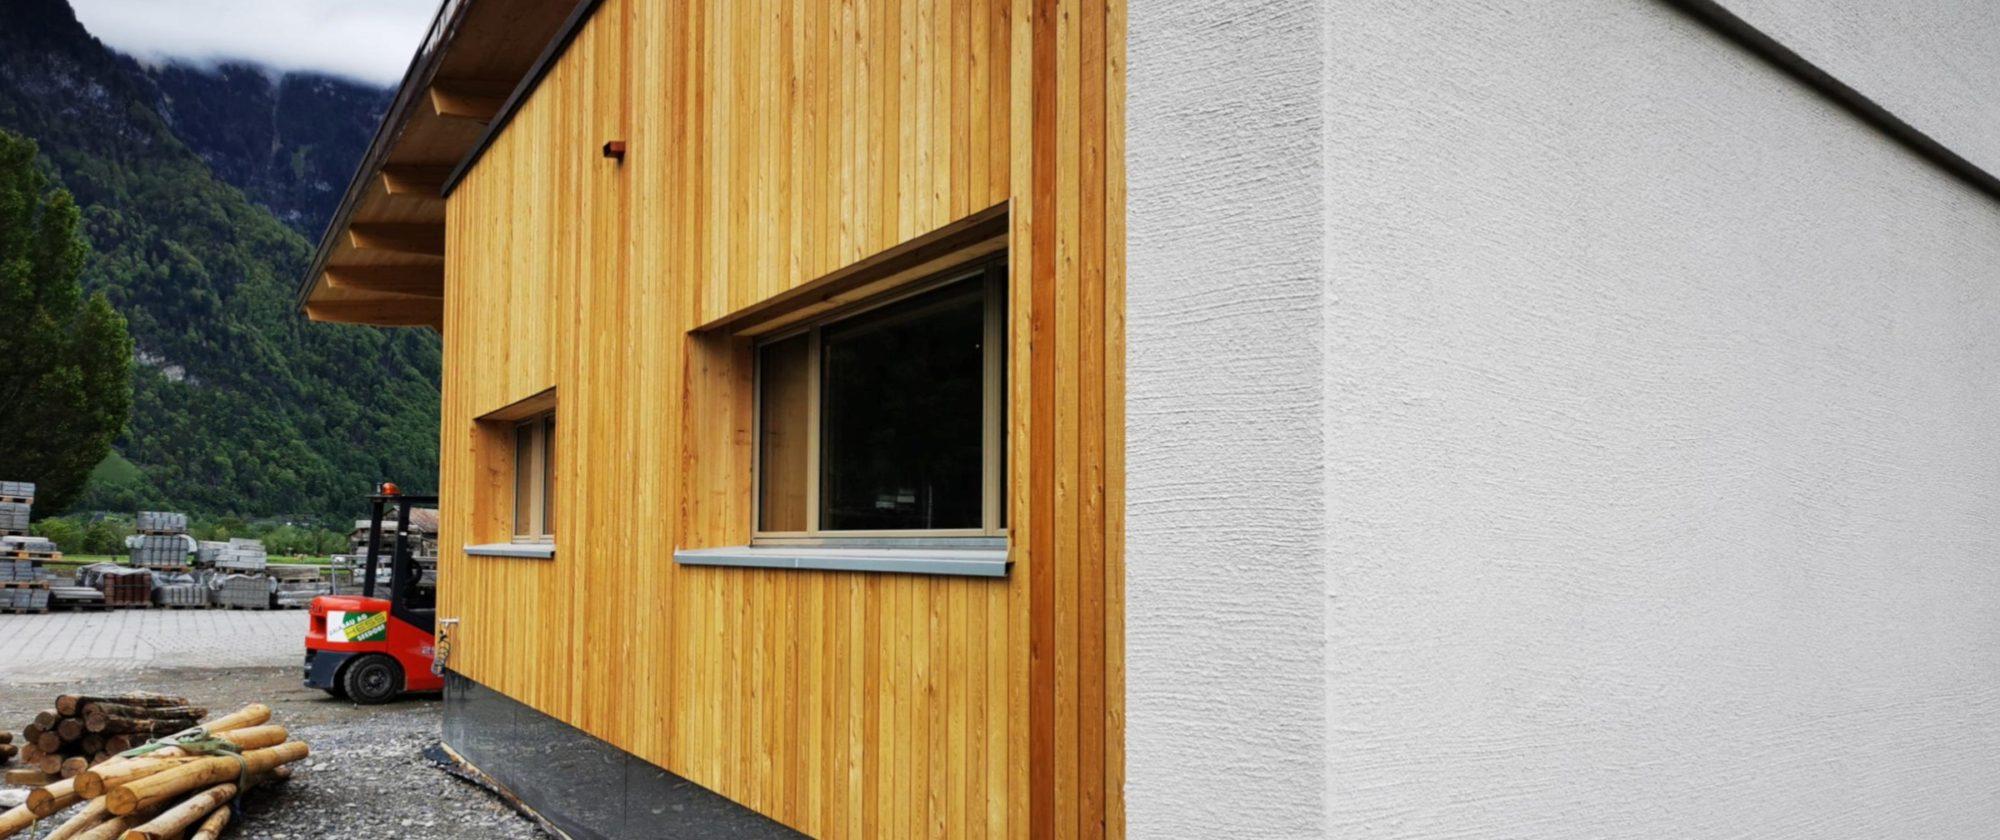 Übergang Holzschalung zu verputzter Wand